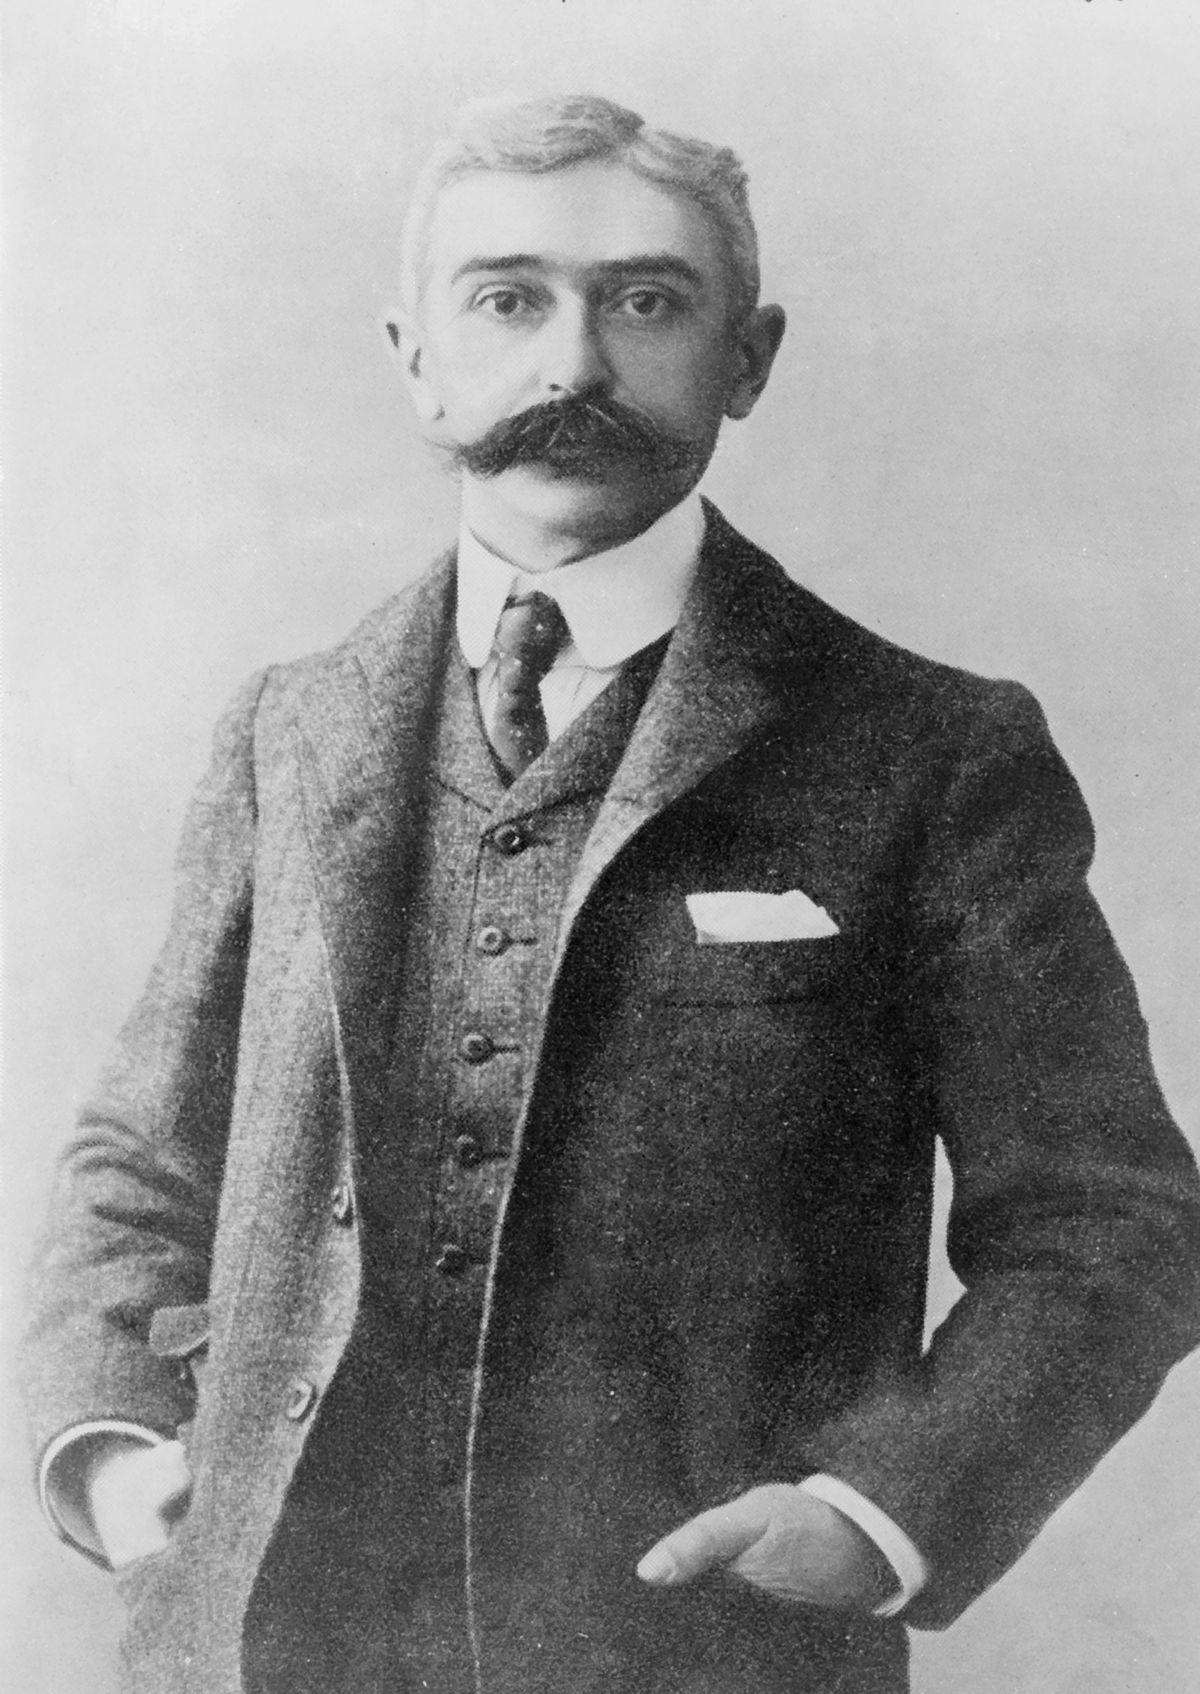 1200px-Baron_Pierre_de_Coubertin.jpg